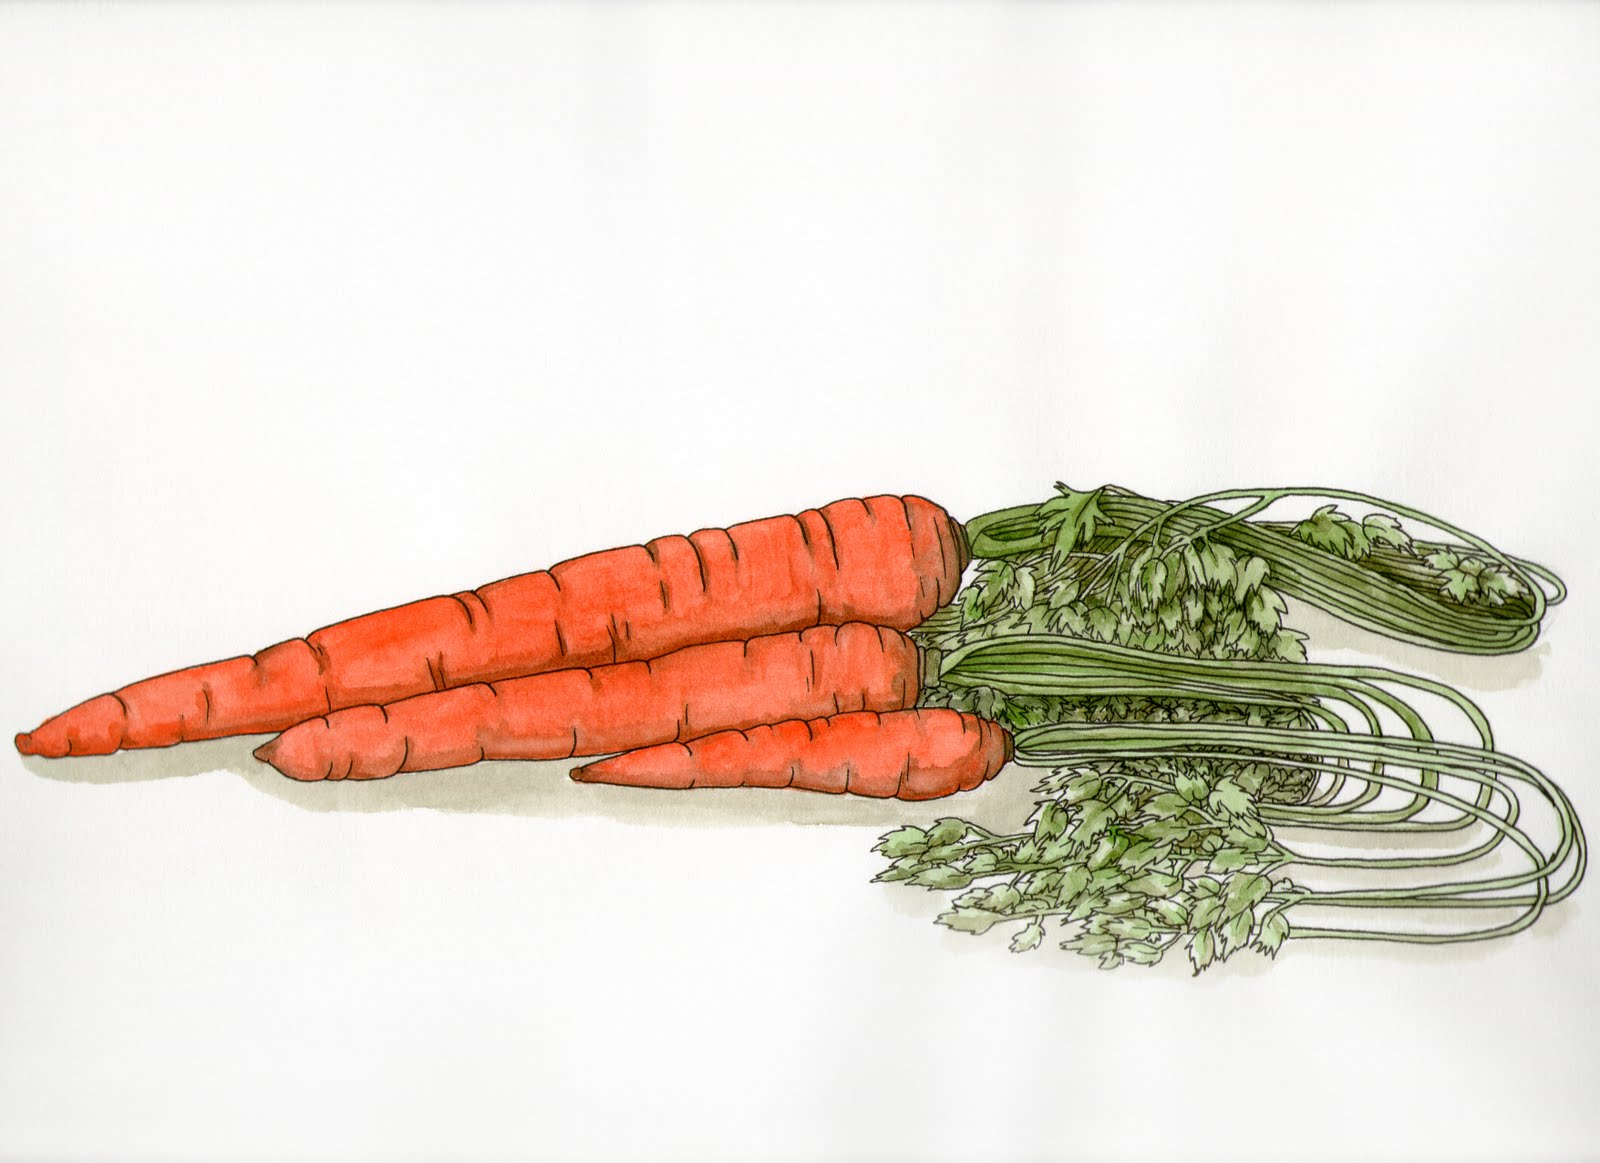 Pin dessin de carotte on pinterest - Dessin de carotte ...